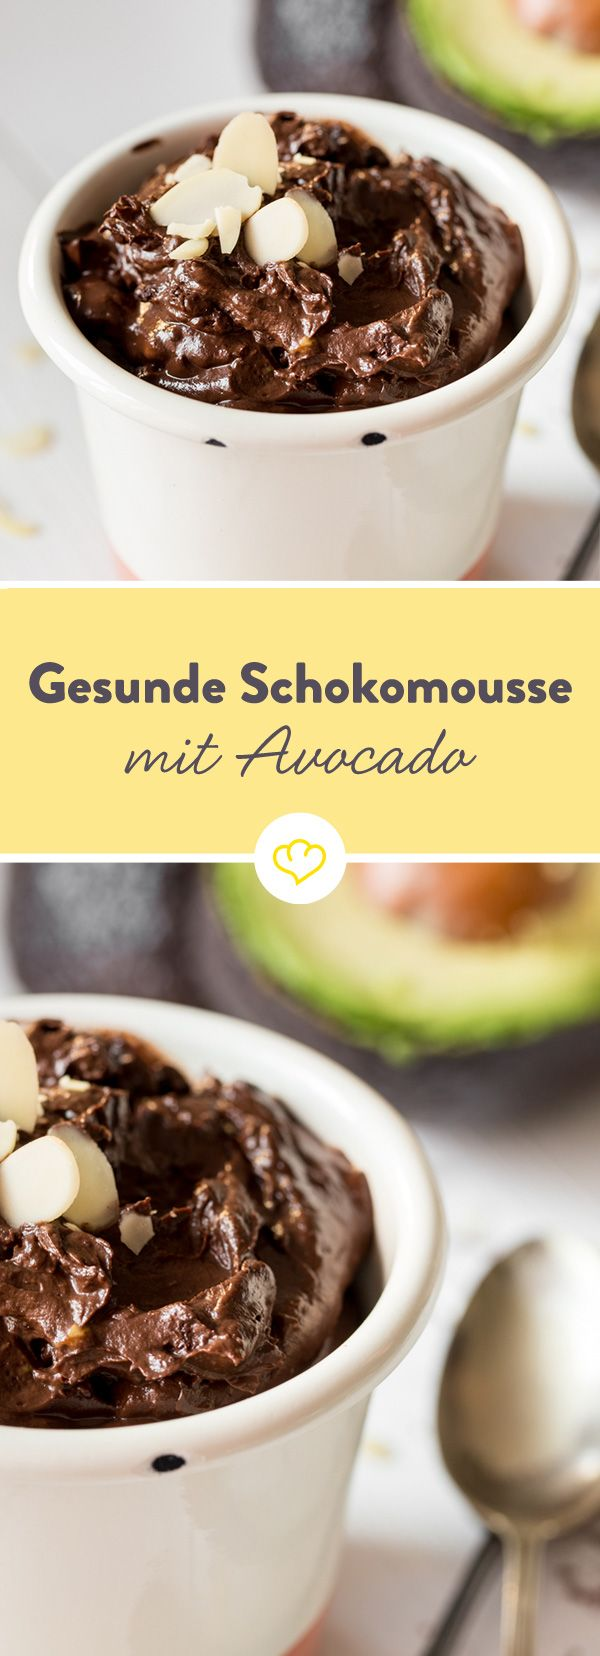 Eine gesunde Schokomousse? Ja bitte! Schokolade durch Kakao, Sahne durch Avocado und Zucker durch Ahornsirup ersetzen - blitzschnell zusammengerührt.